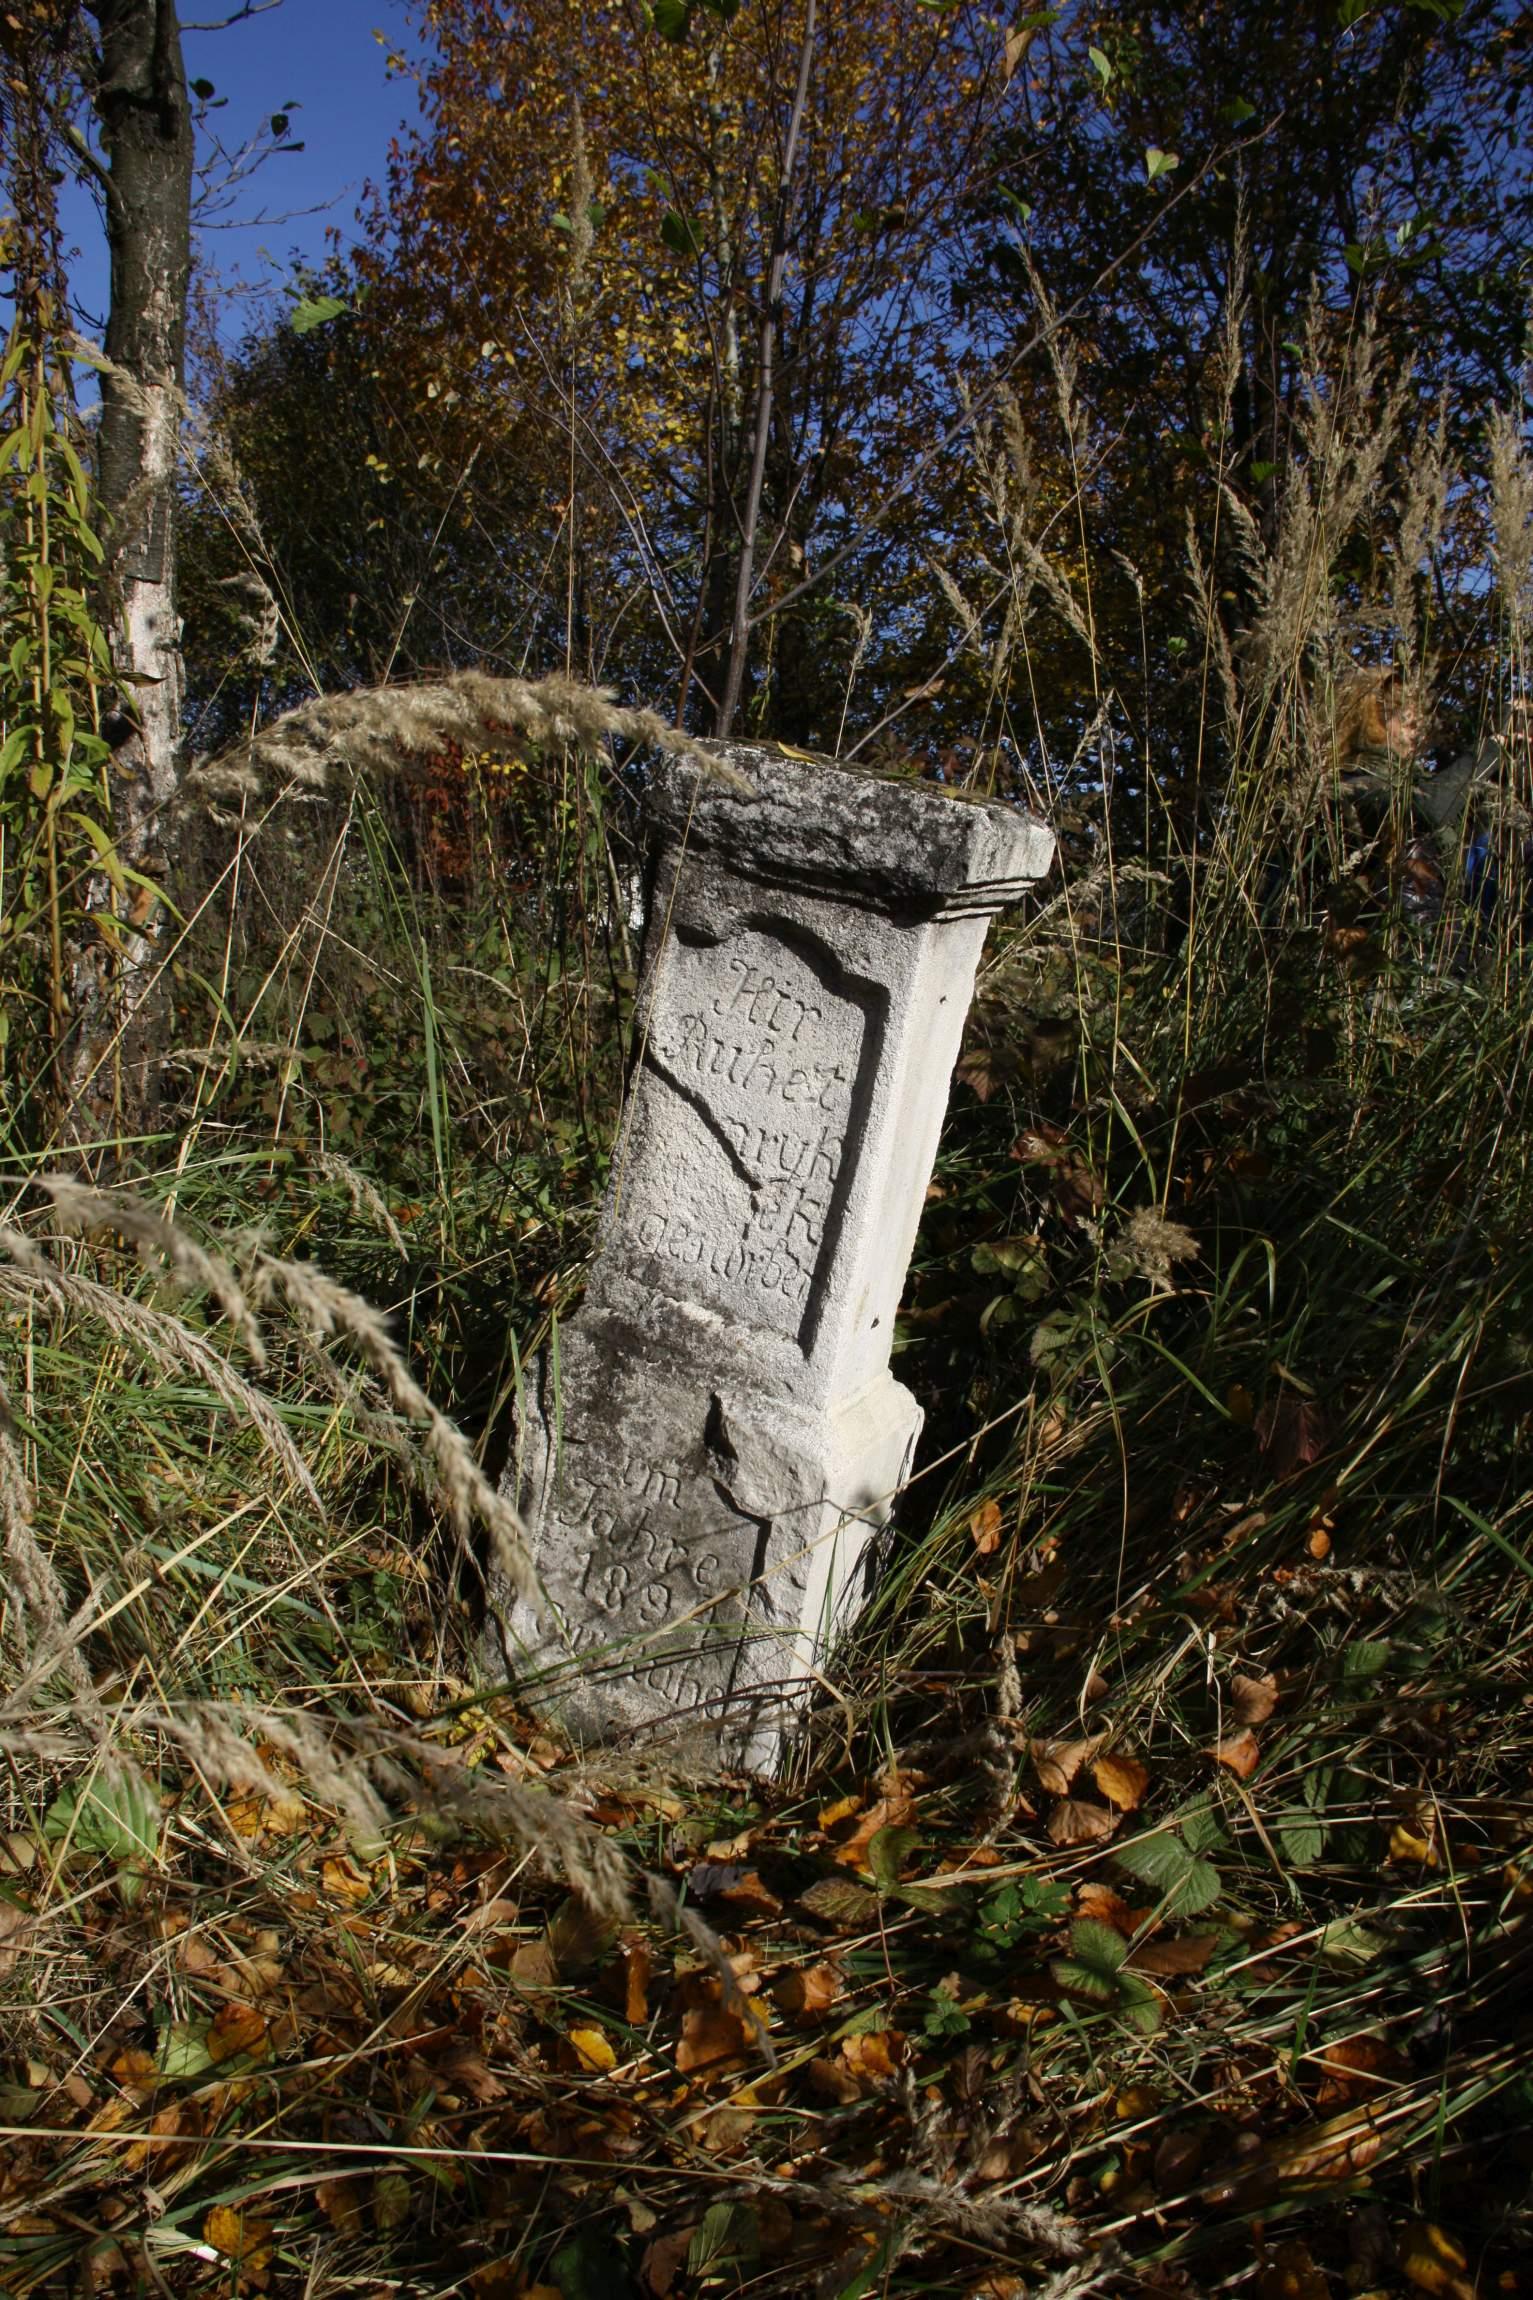 Grabstein auf dem deutschen Friedhof in Münchenthal.